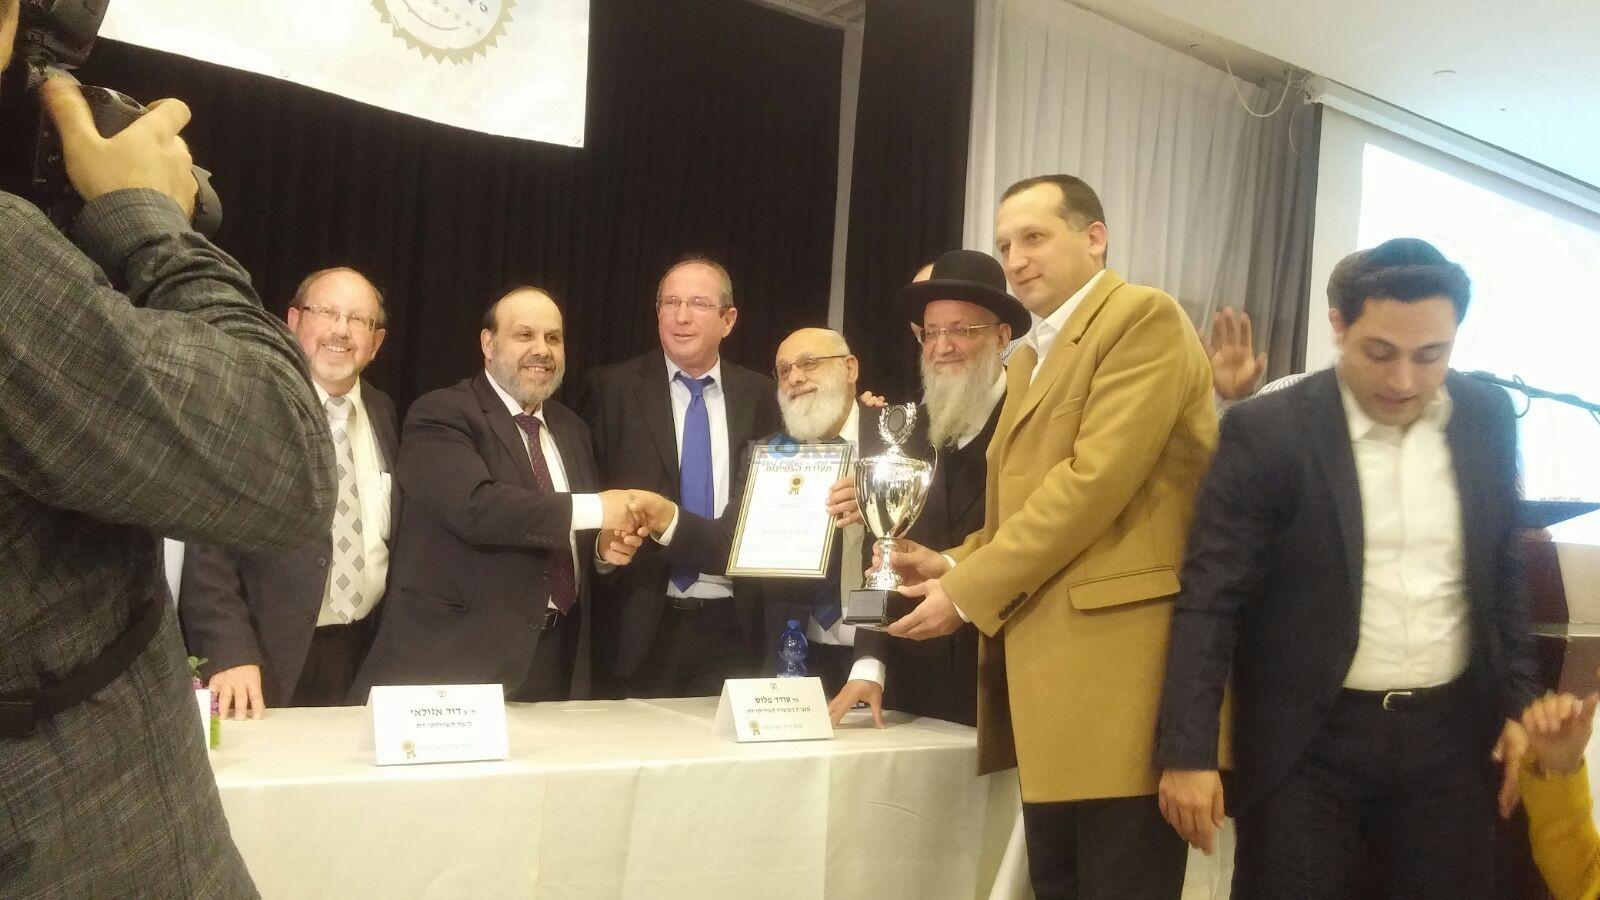 ראשי מועצות דתיות מקבלים את הפרס